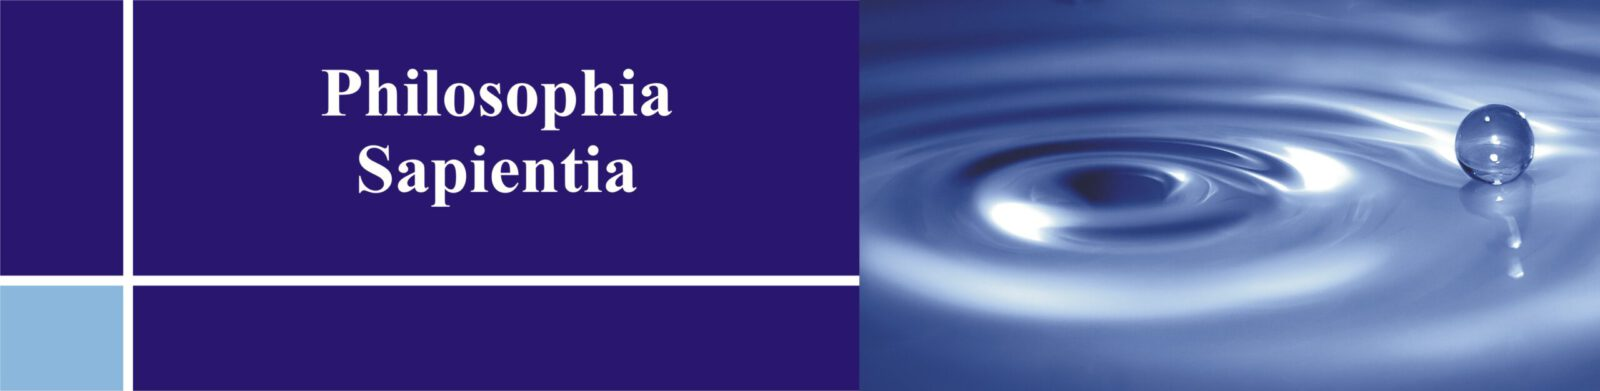 Philosophia-Sapientia.de